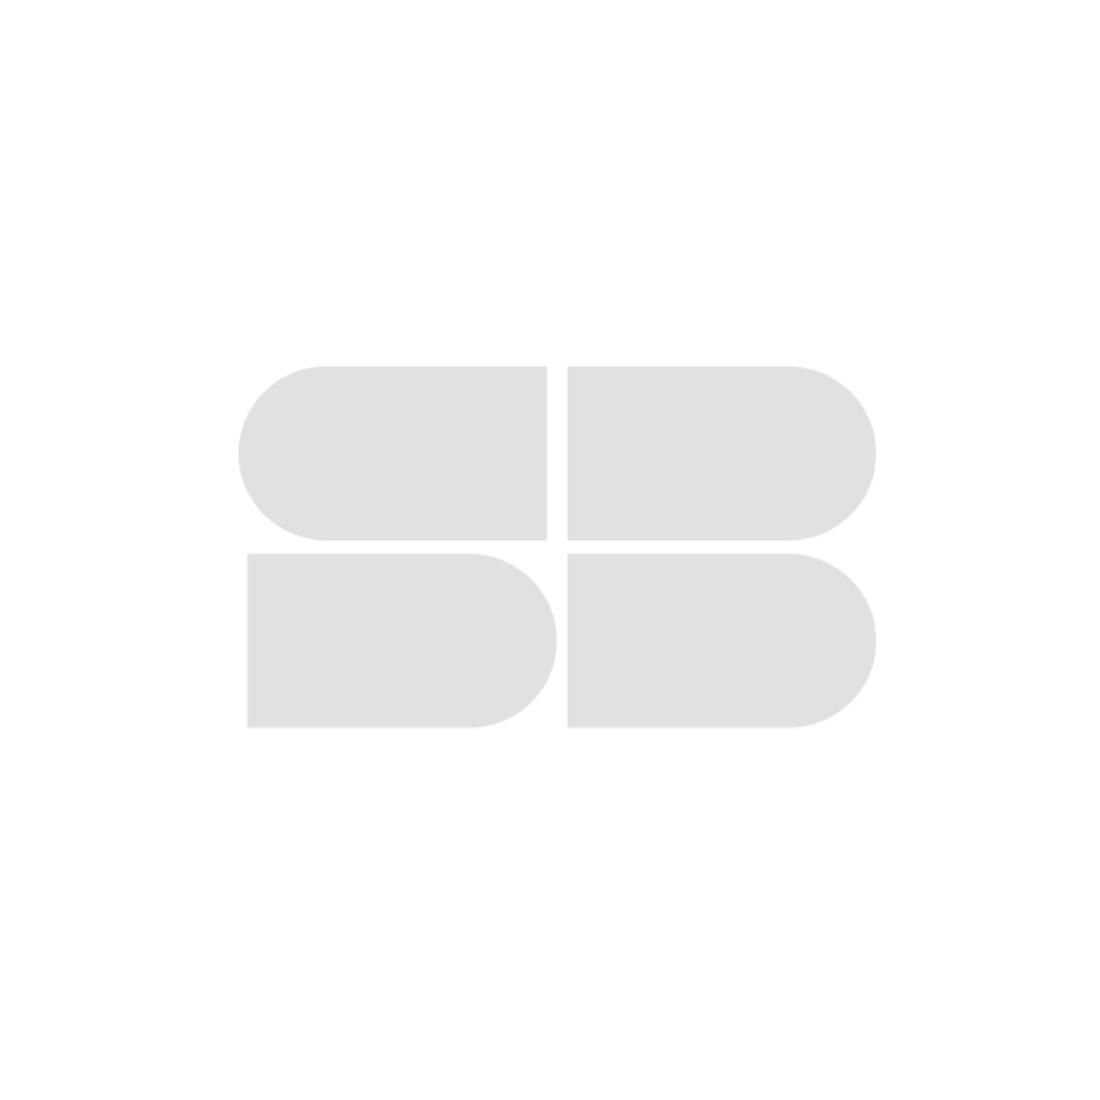 กลอนประตูดิจิตอล Hafele รุ่น EL7500 /Silver (499.56.229)